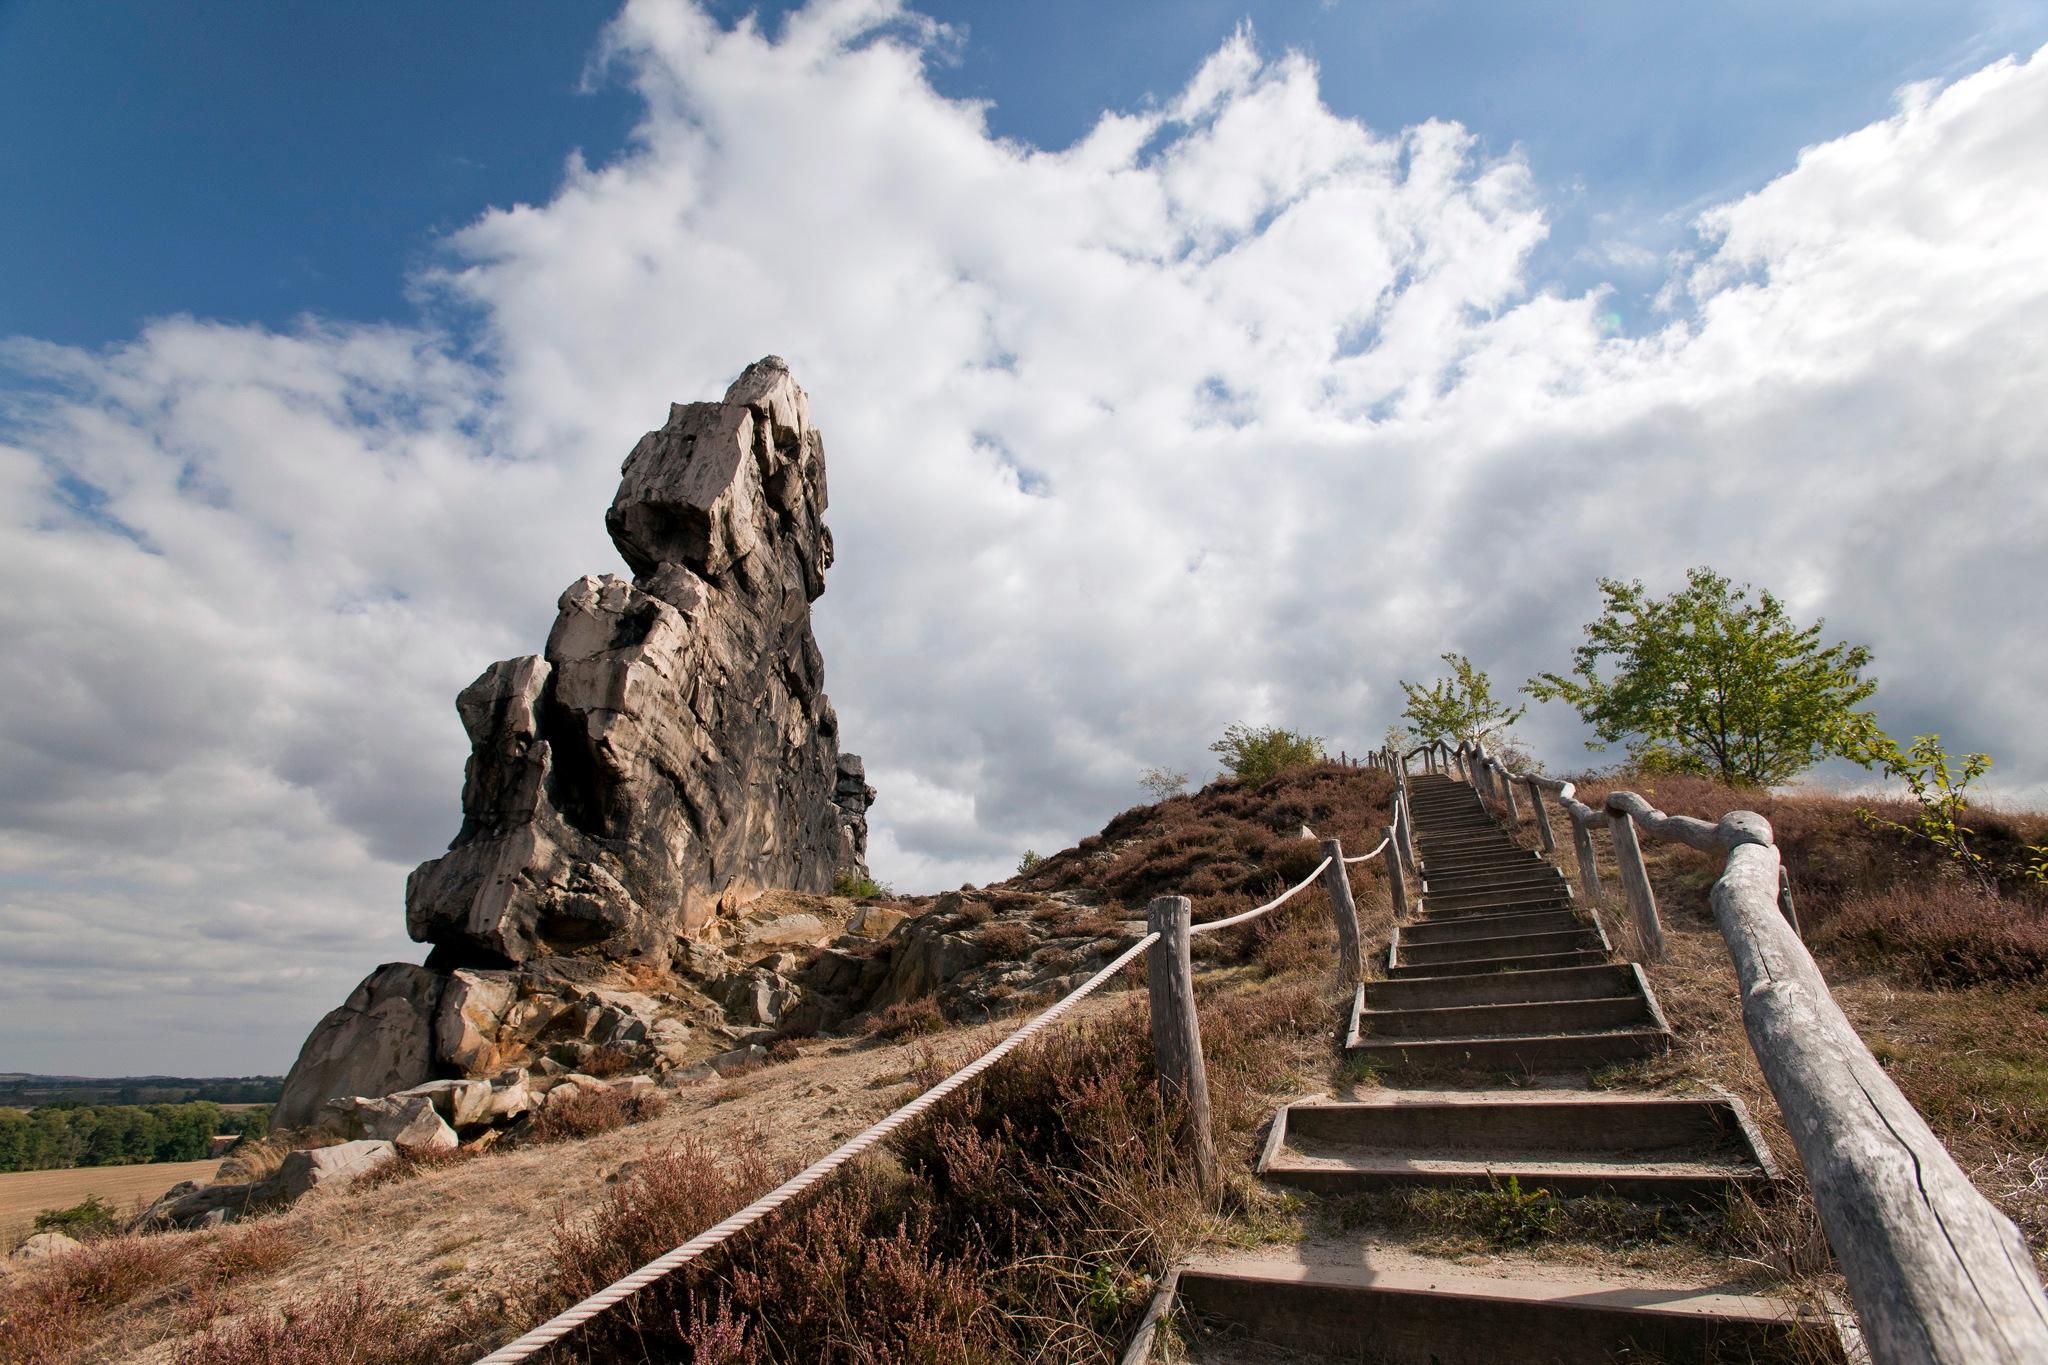 stairway to heaven by Ines Linke